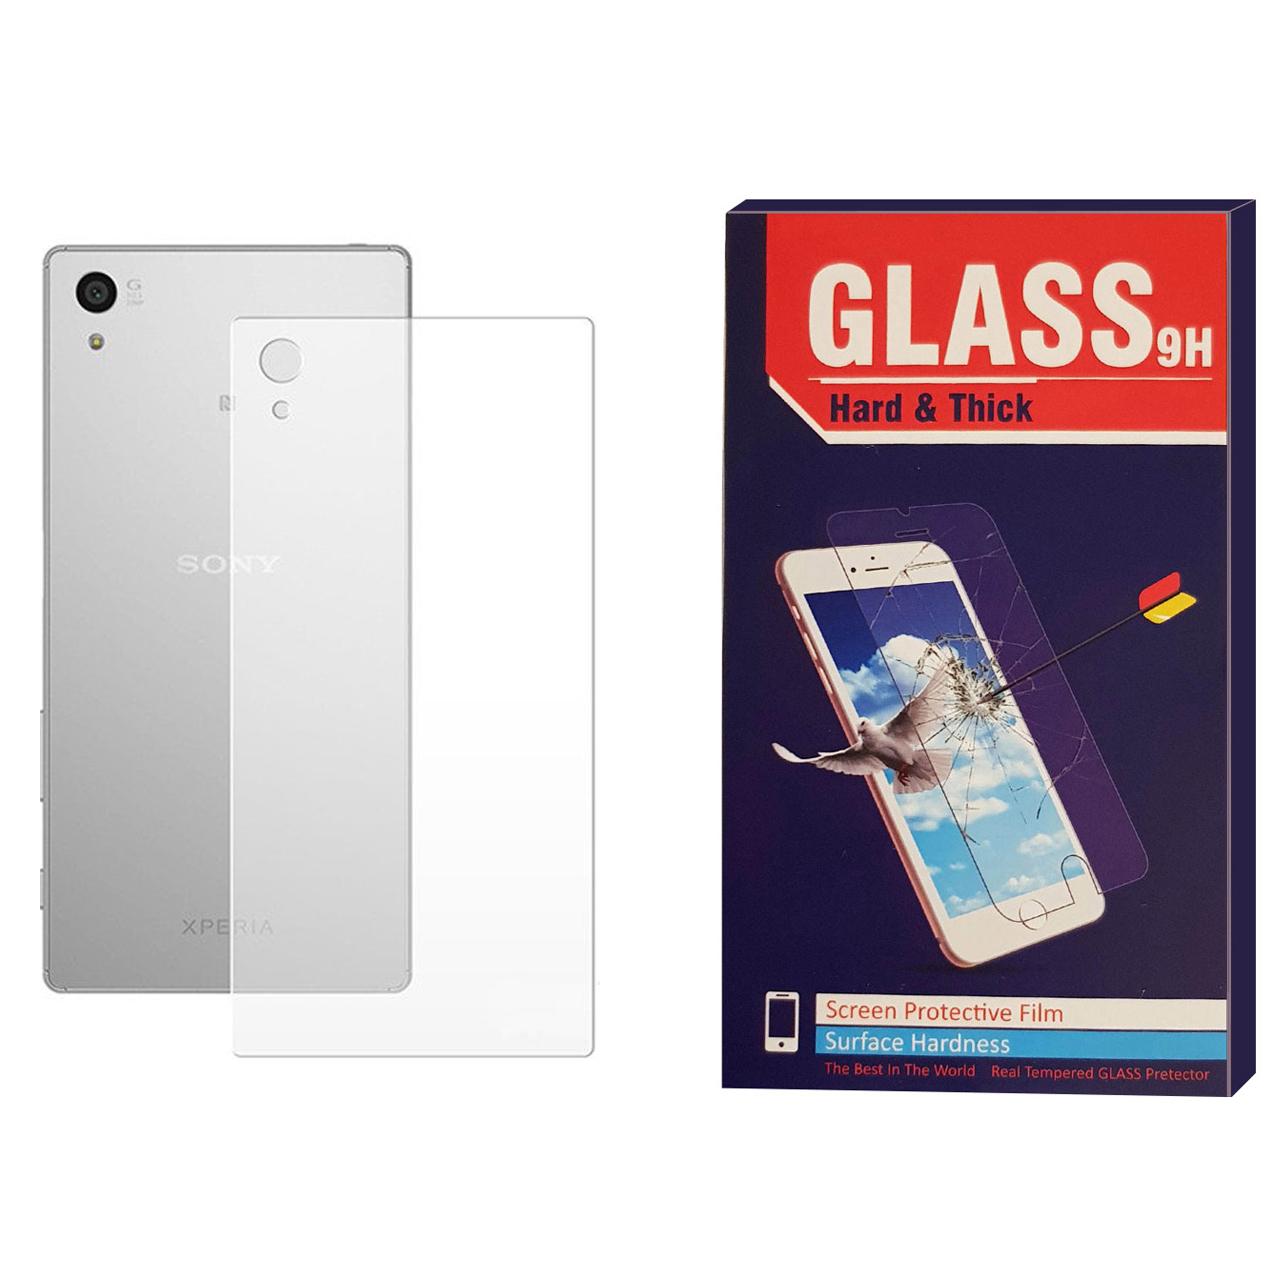 محافظ پشت گوشی Hard and thick مدل F-01 مناسب برای گوشی موبایل سونی Xperia Z